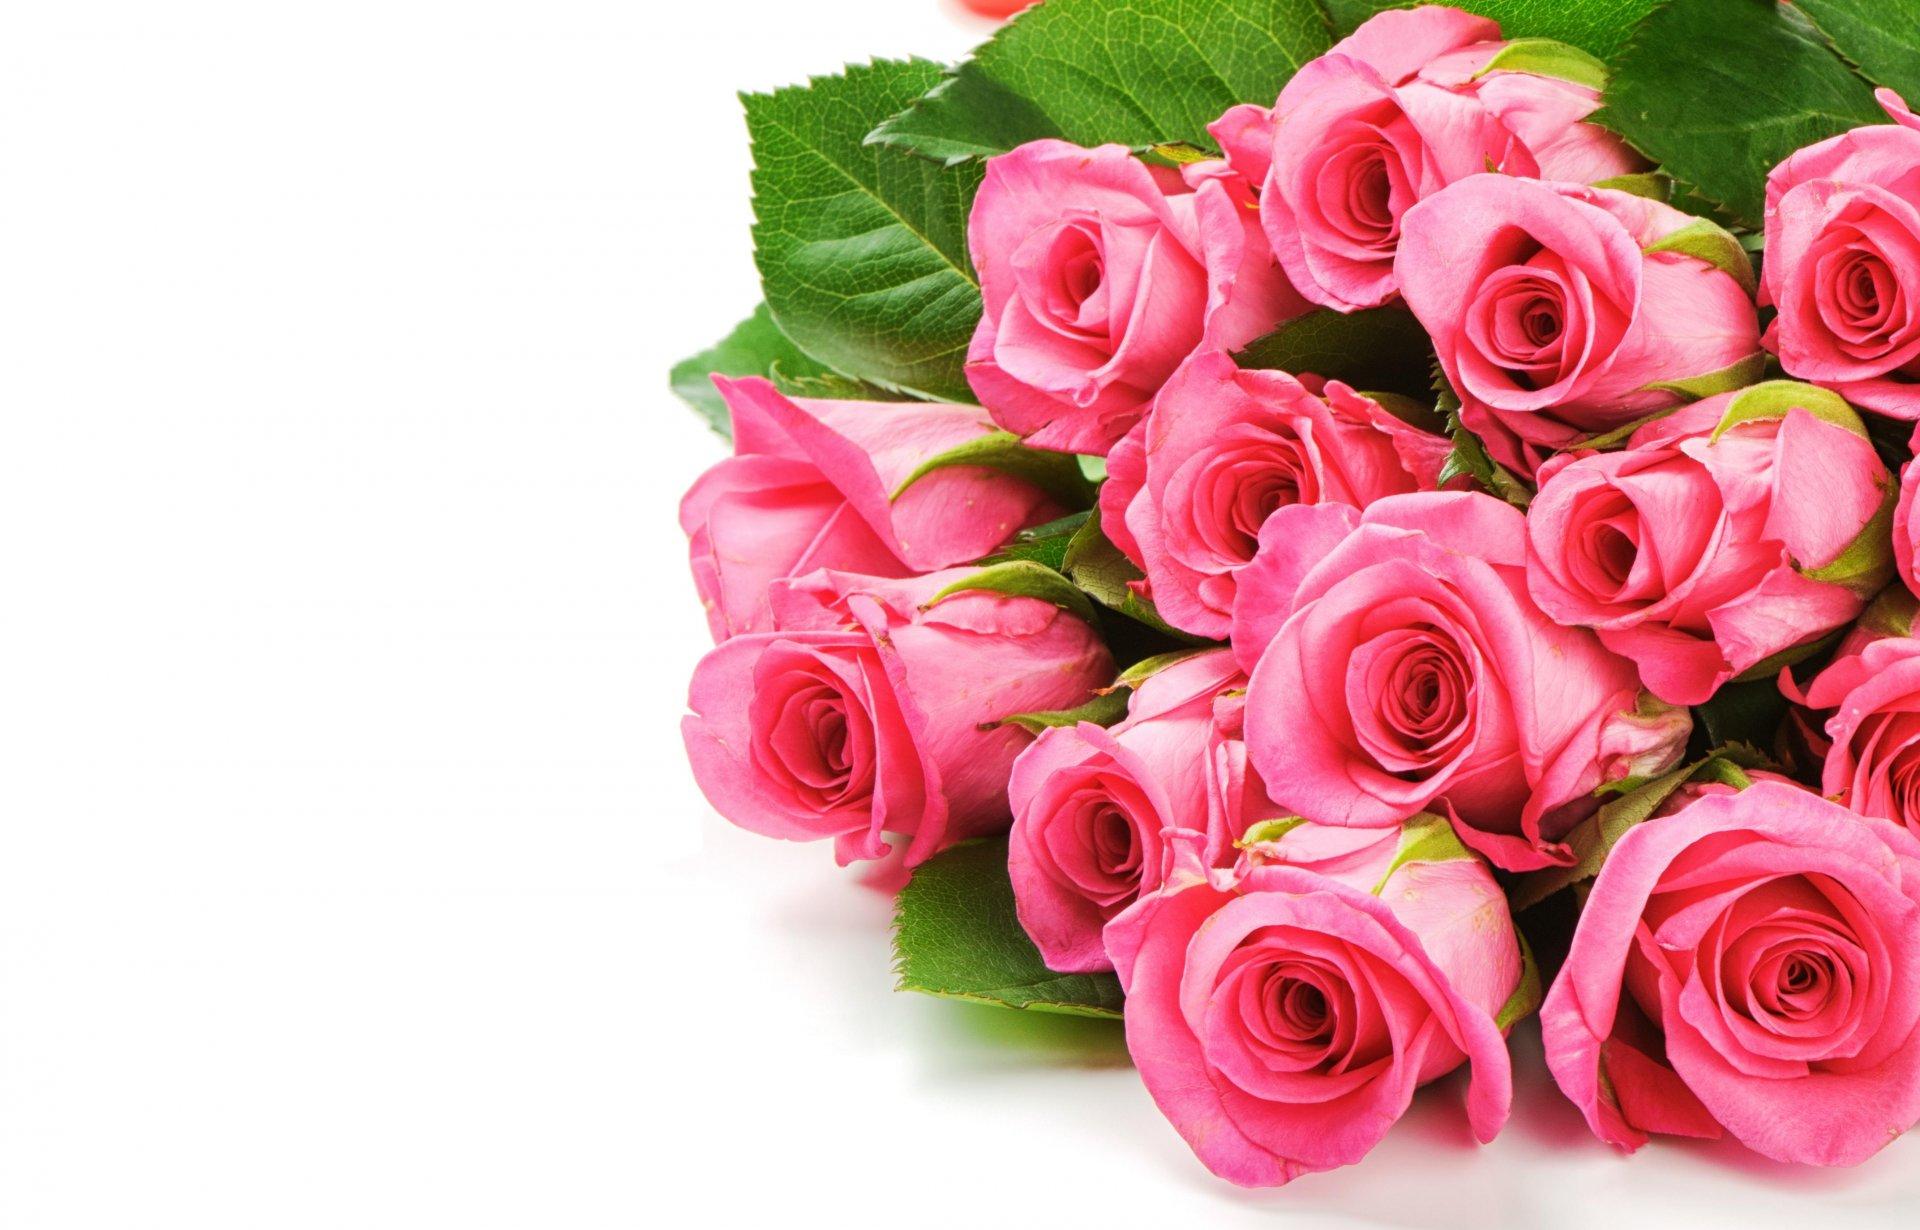 Картинка с цветами на поздравление, для мужчины-коллеги днем